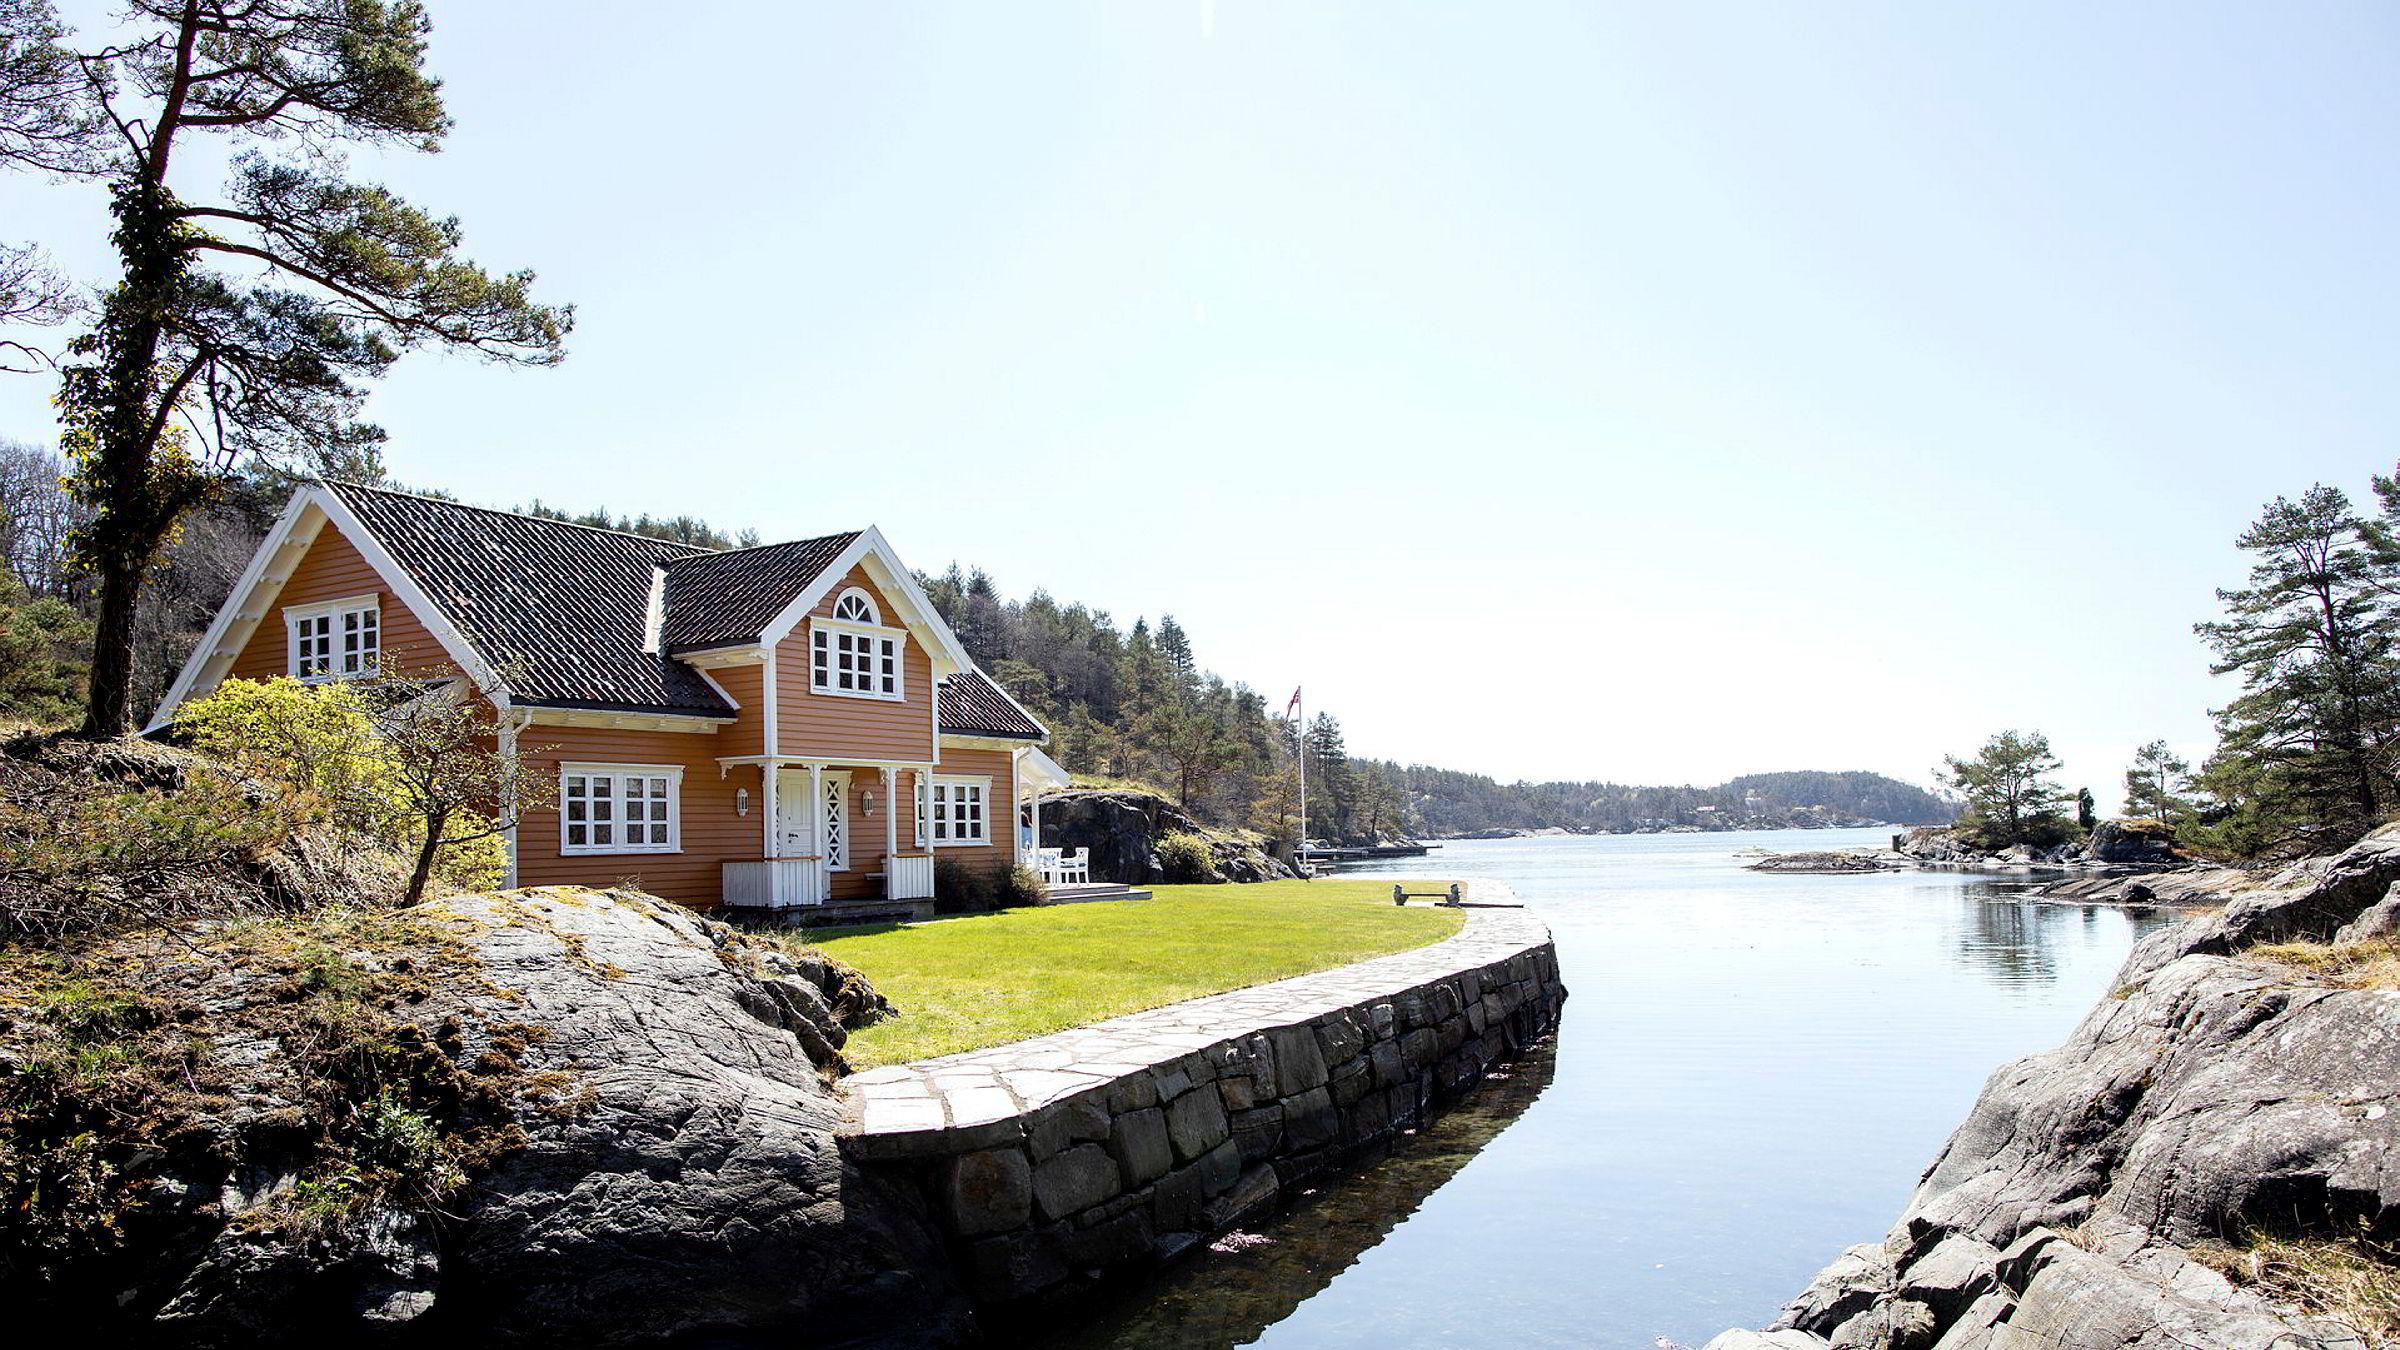 Ringøen-familiens landsted på egen øy i Høvåg ble solgt for 15,5 millioner kroner onsdag ettermiddag.